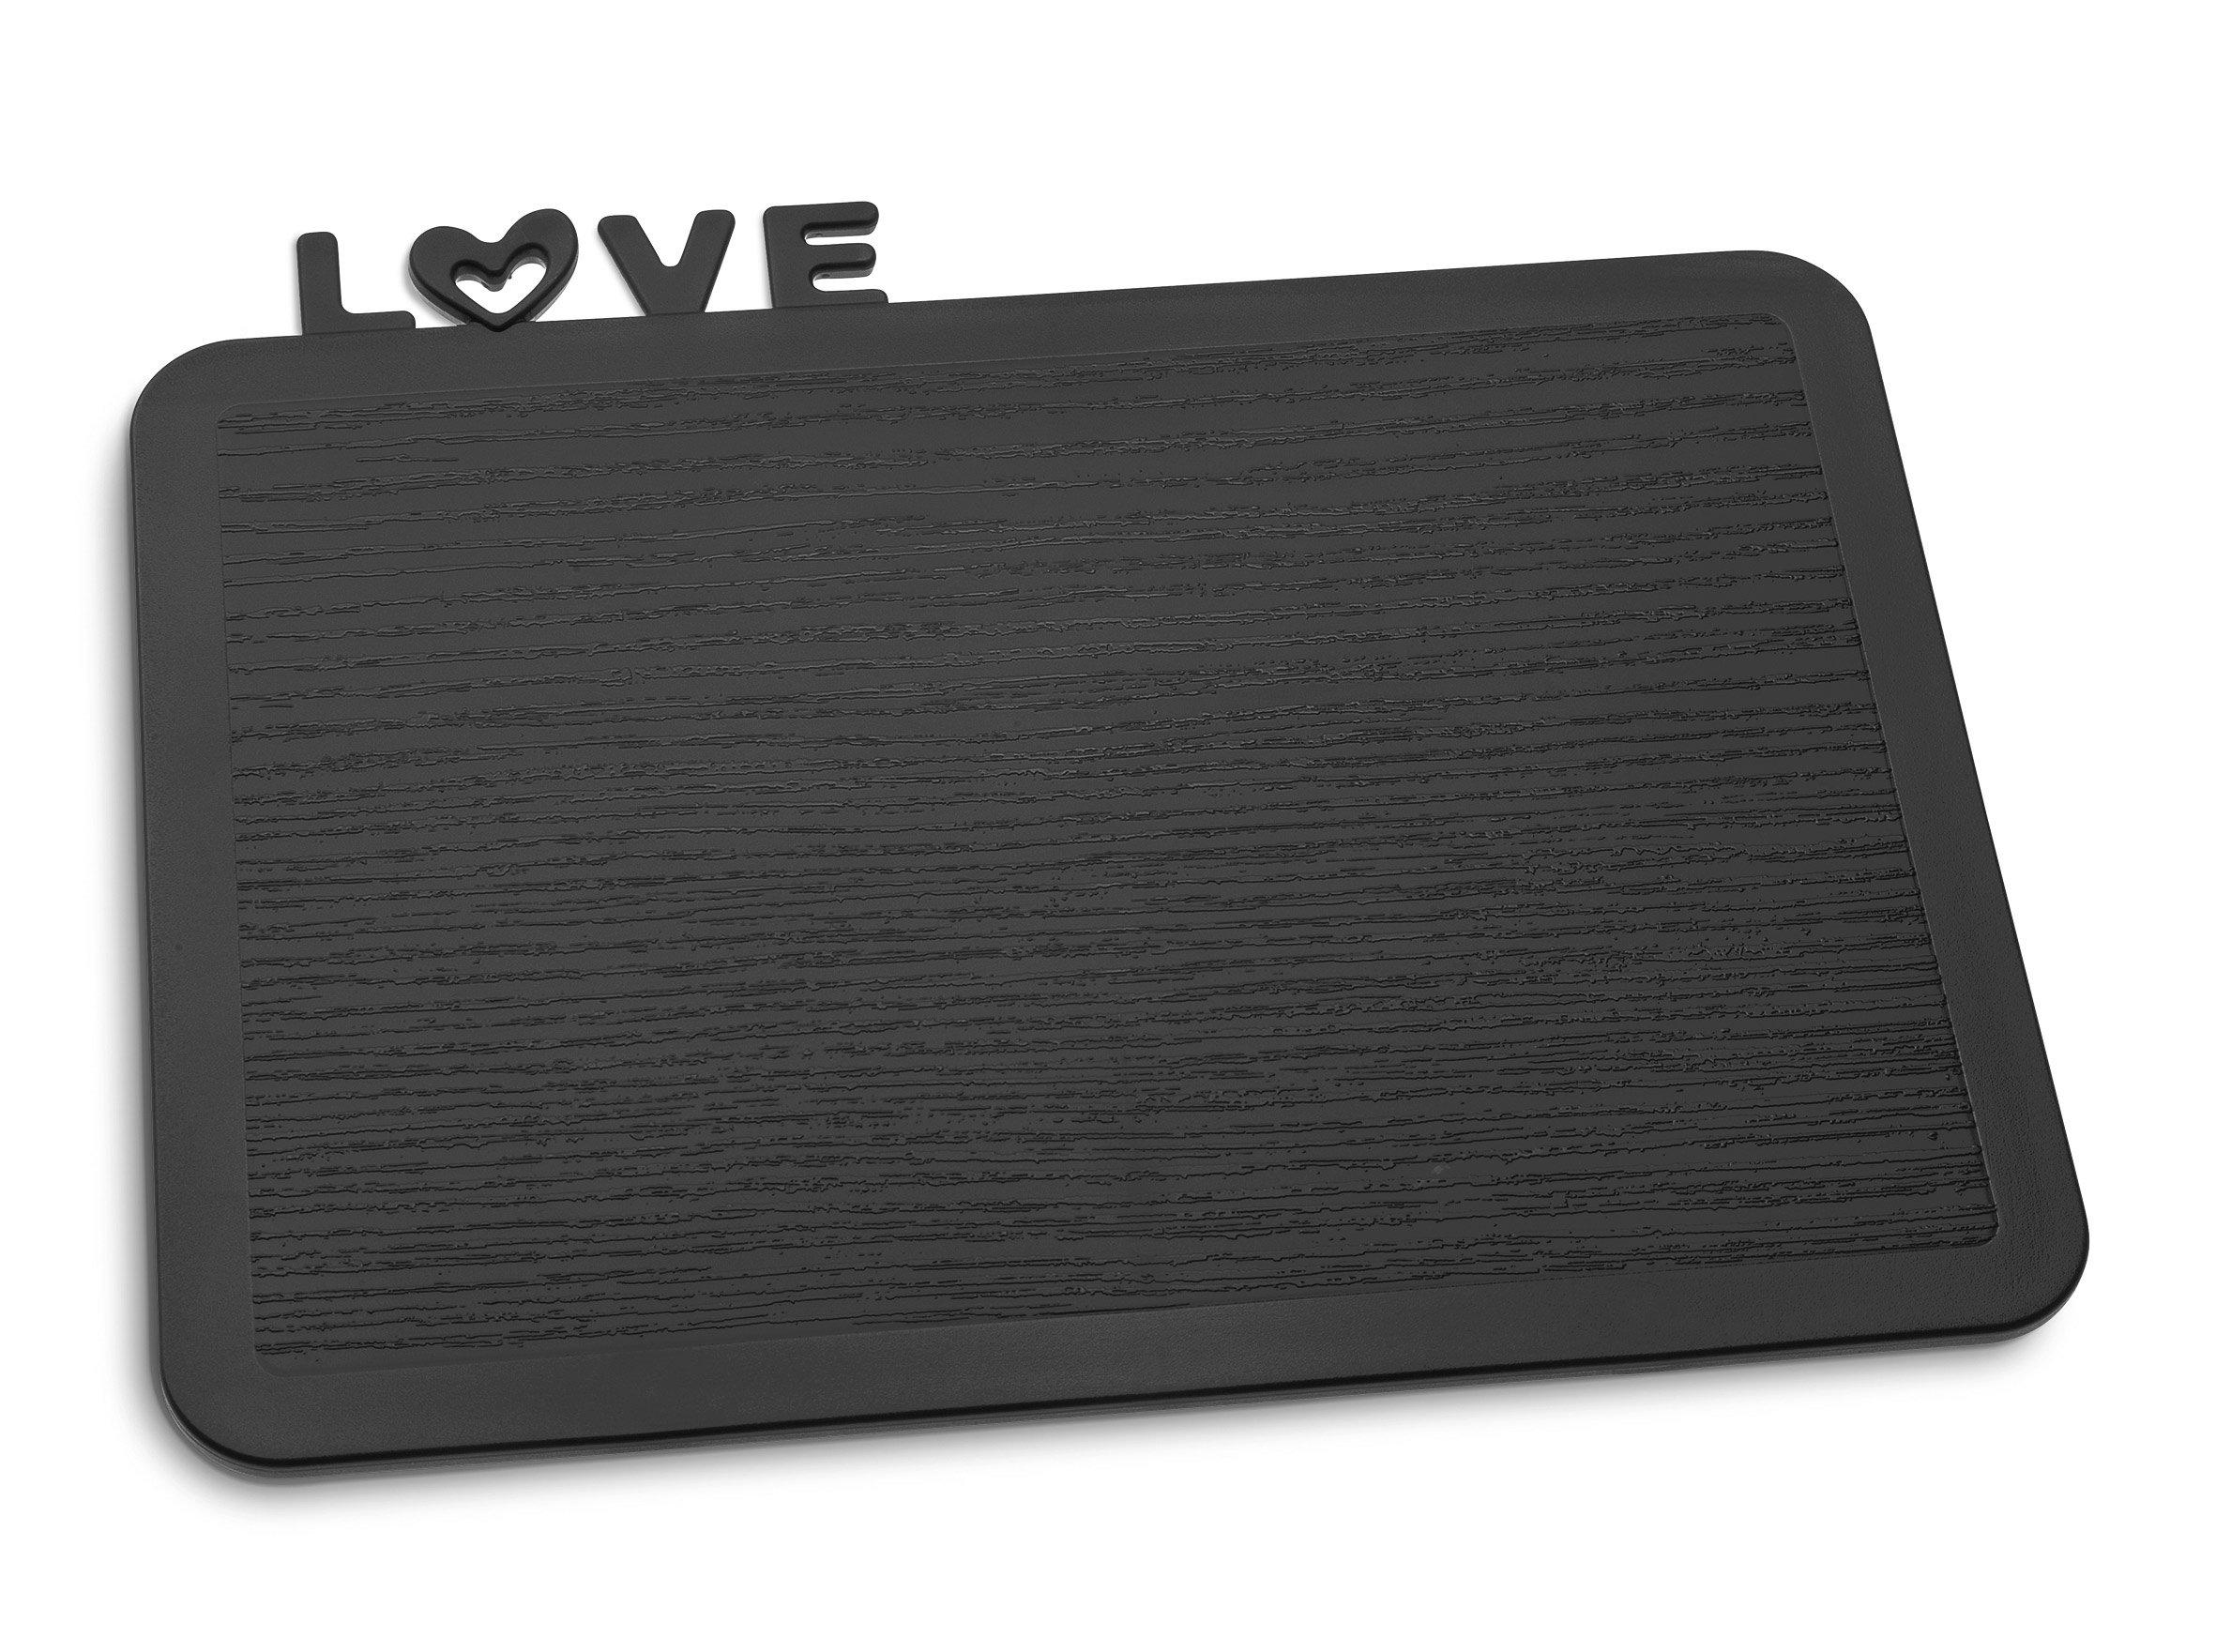 Deska śniadaniowa Happy Boards Love czarna